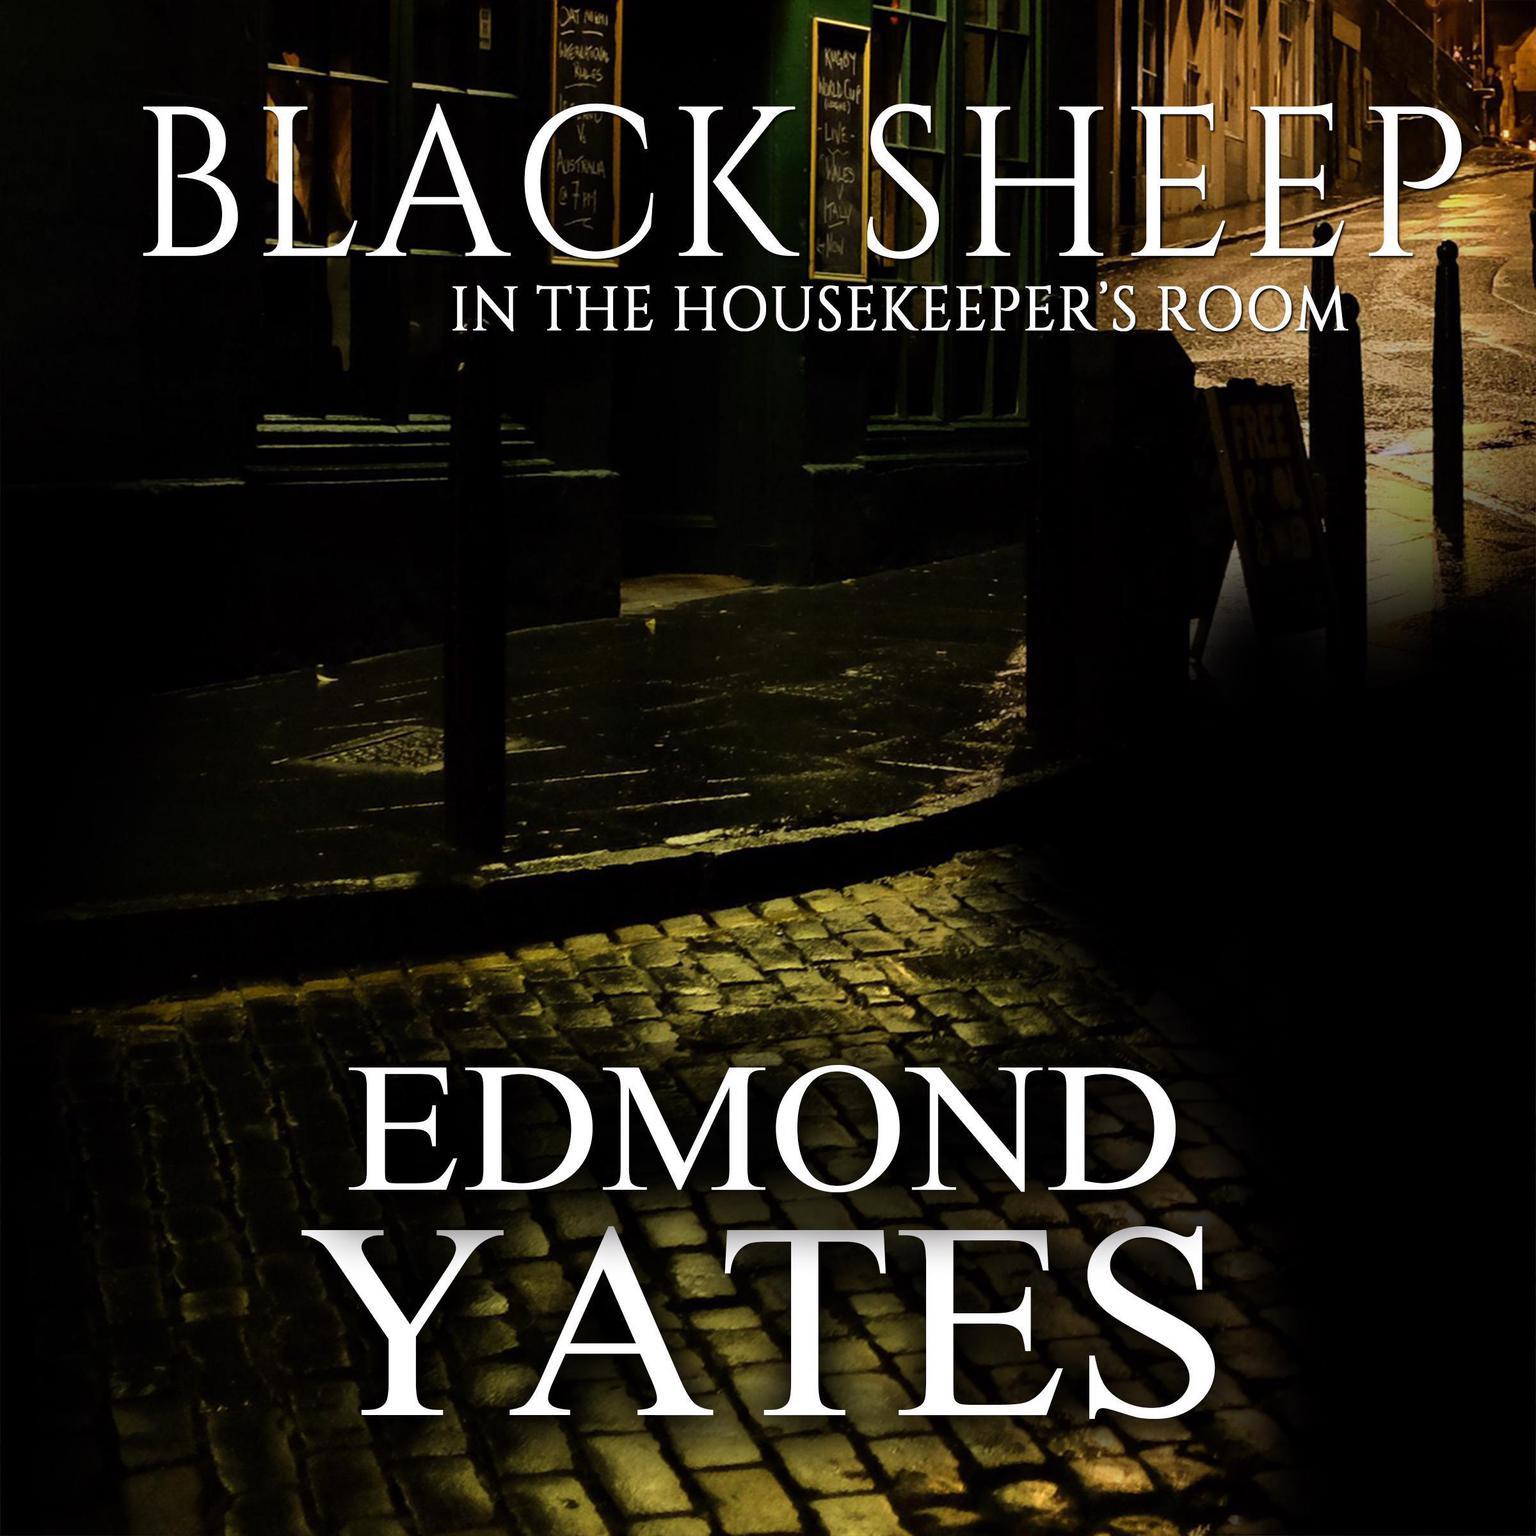 Black Sheep In The Housekeepers Room Audiobook, by Edmond Yates